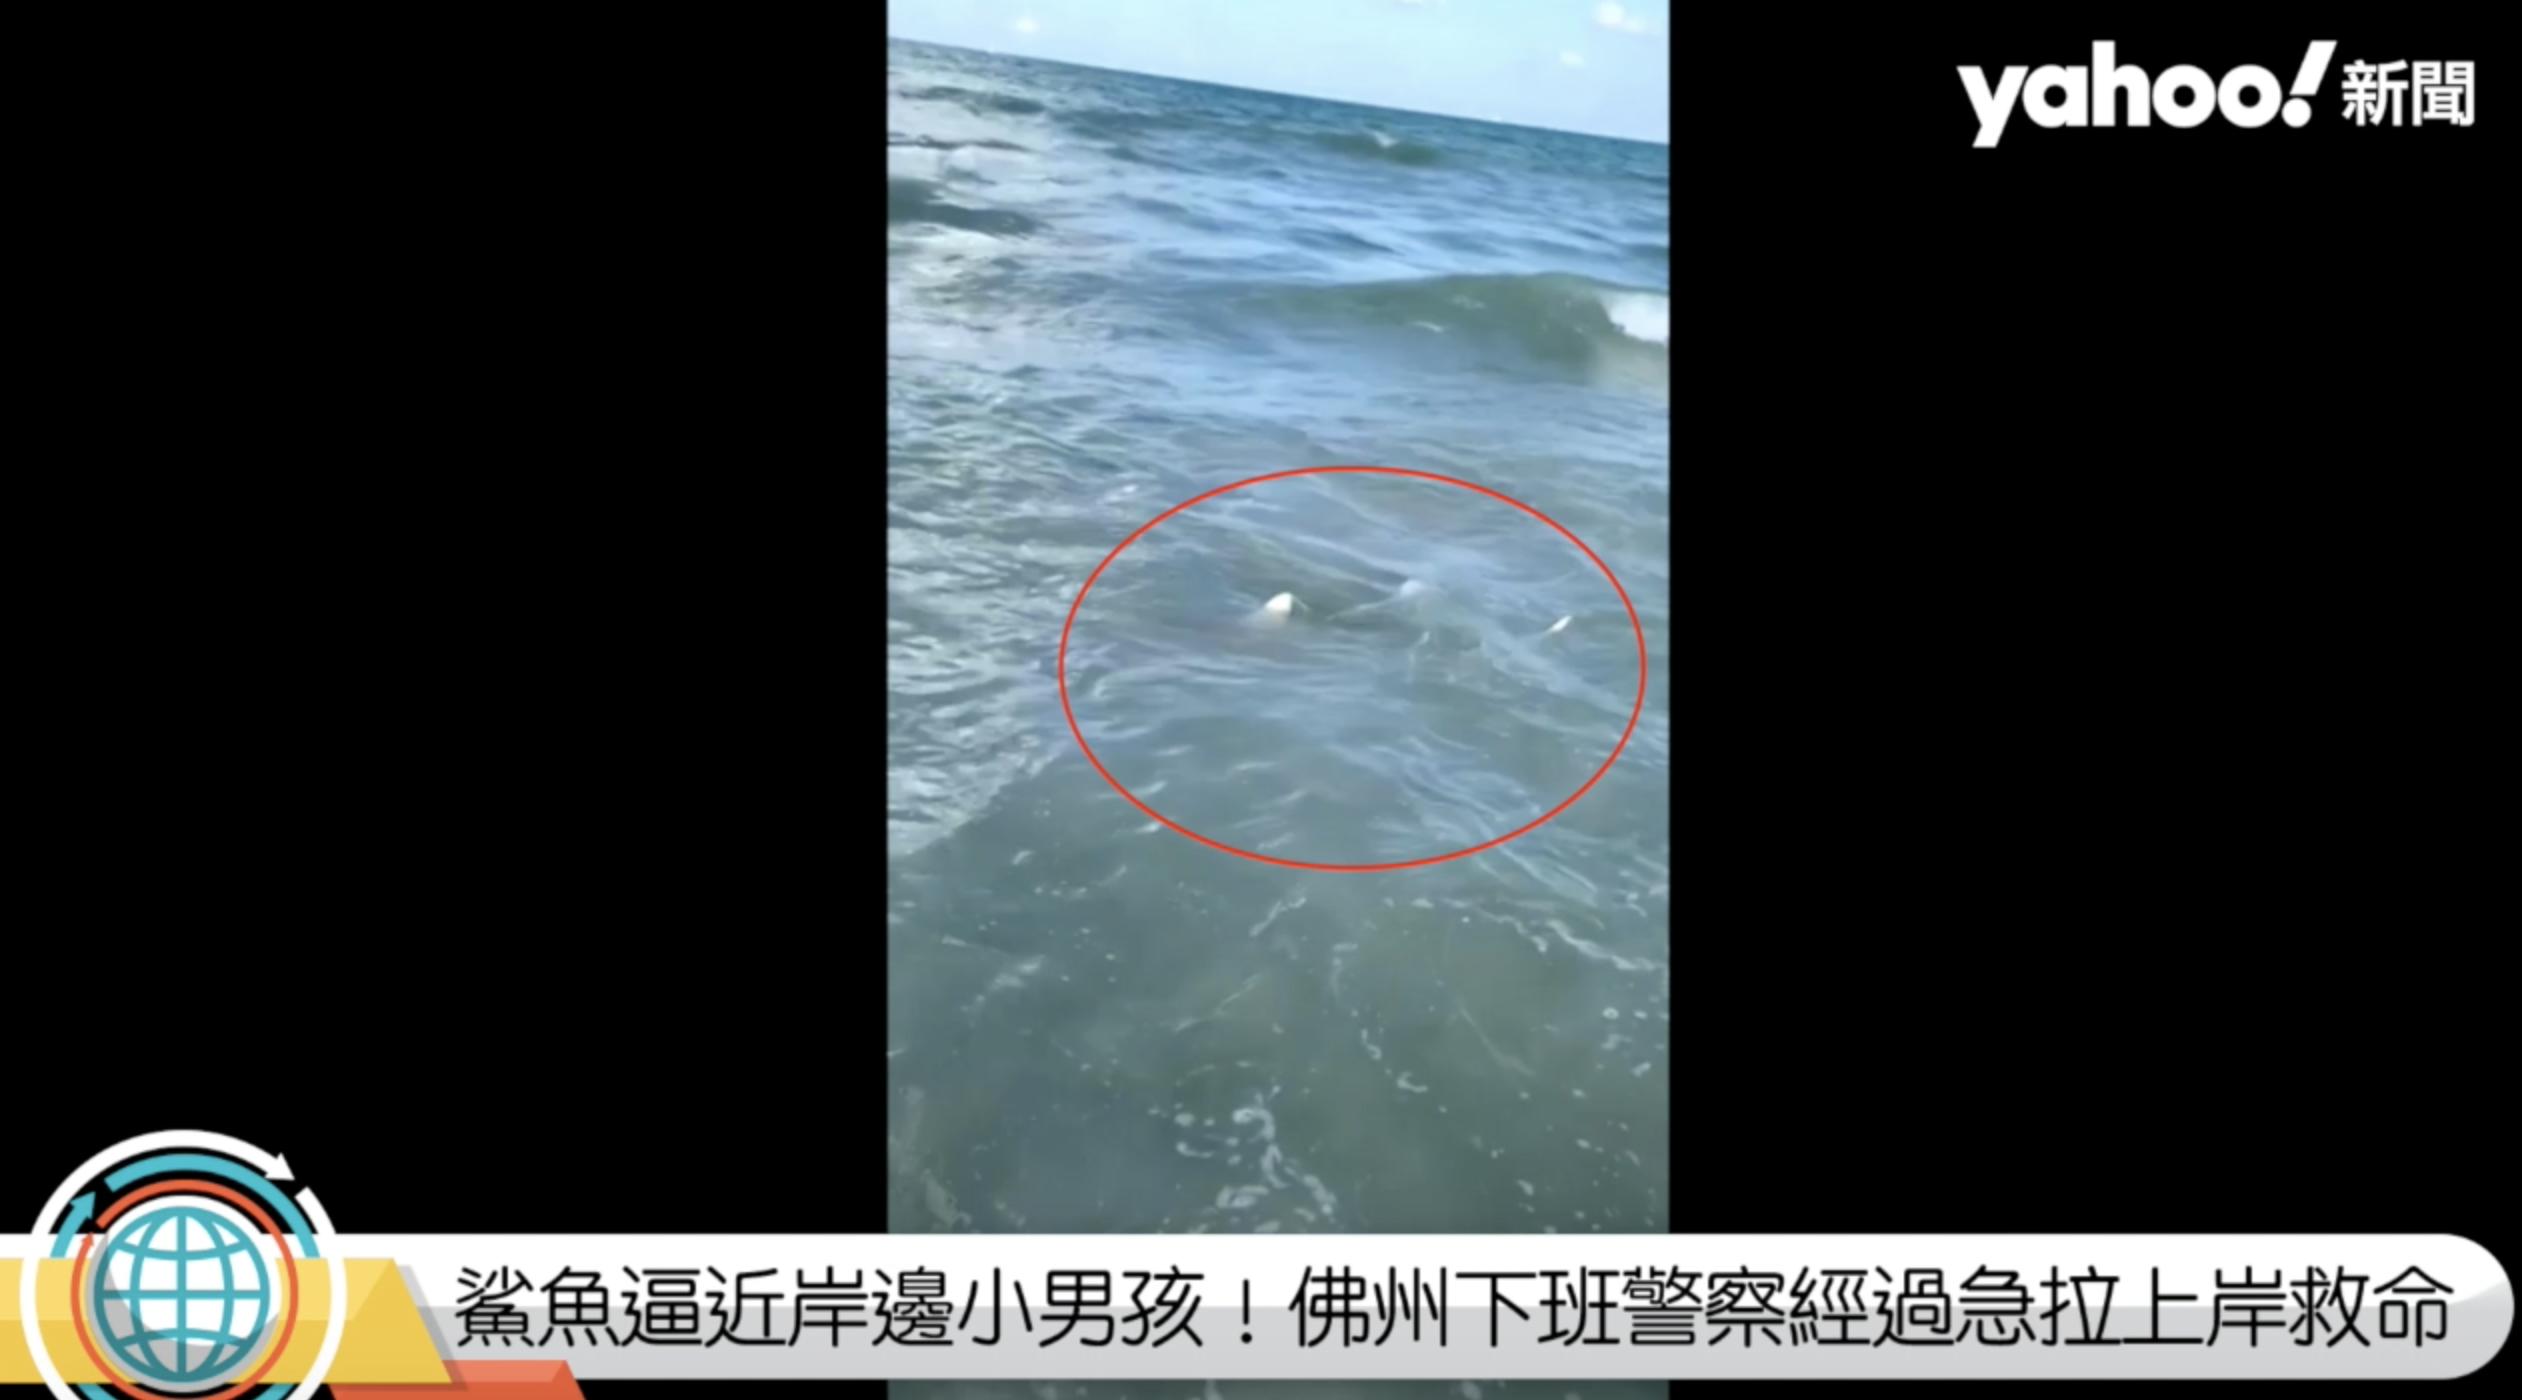 鯊魚逼近岸邊小男孩!佛州下班警察經過急拉上岸救命